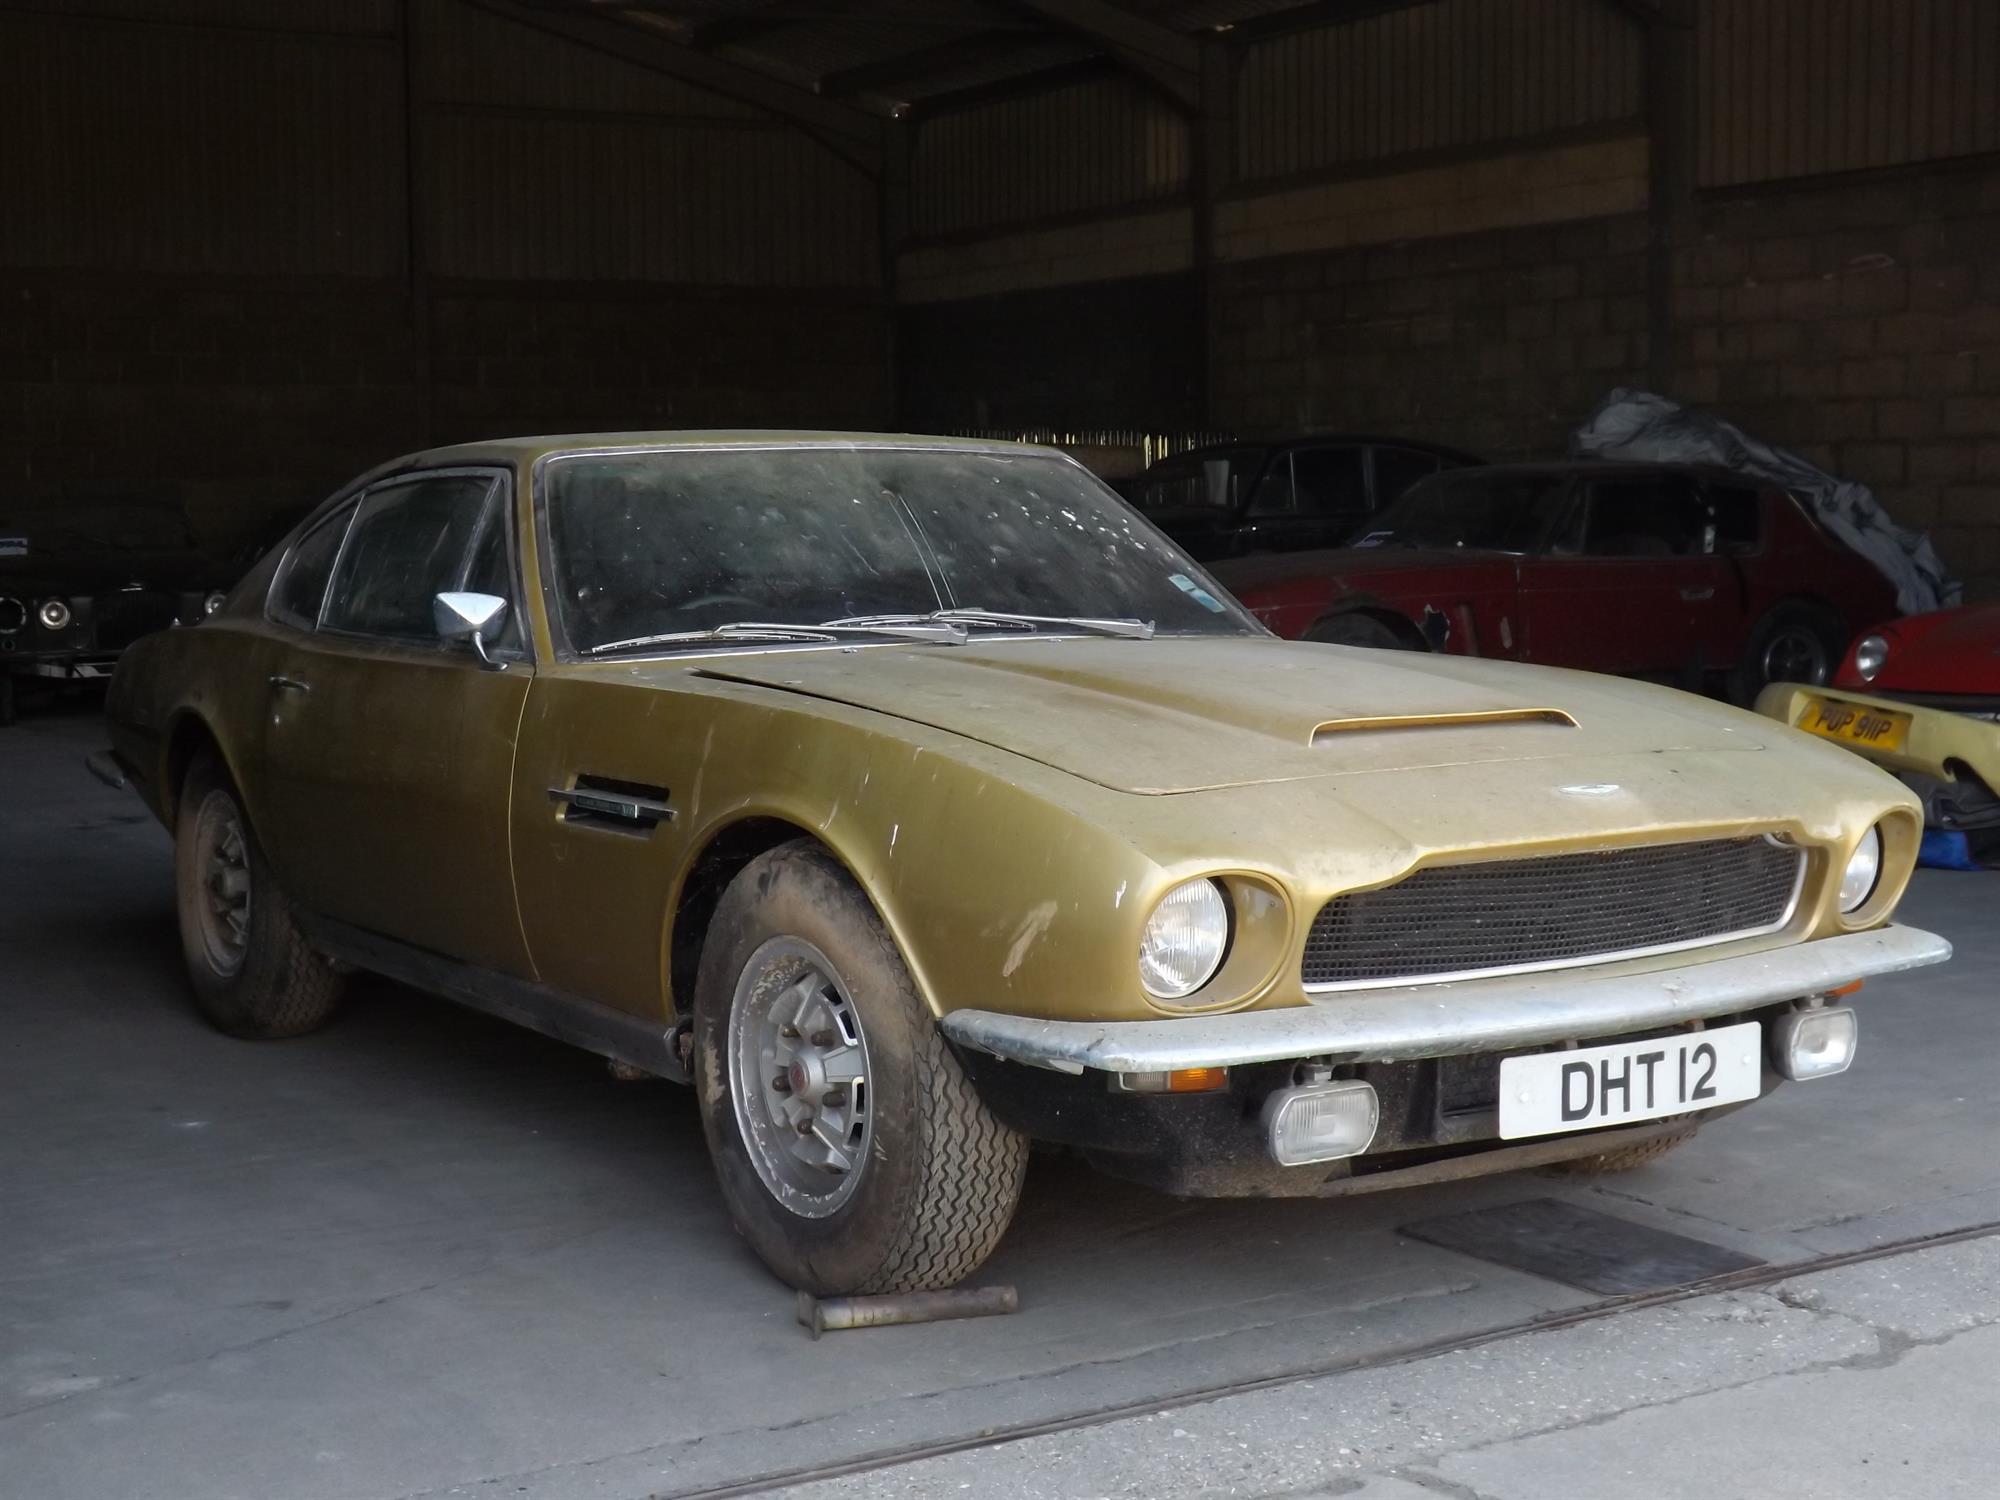 1973 Aston Martin AM V8 - Garage Find - Image 4 of 13